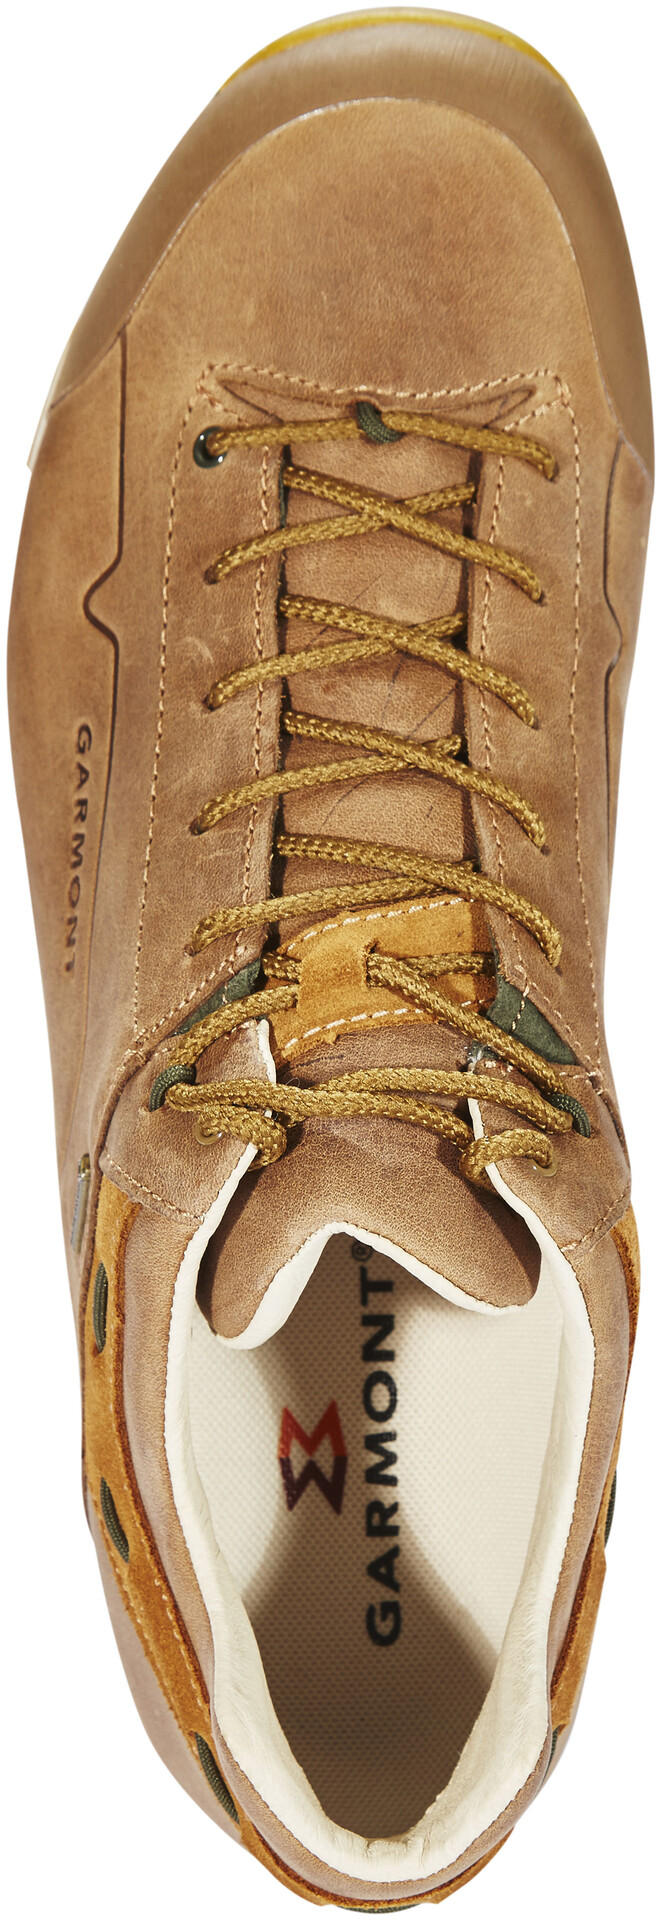 Garmont Miguasha Low Nubuck GTX Shoes Herren beigeolive green